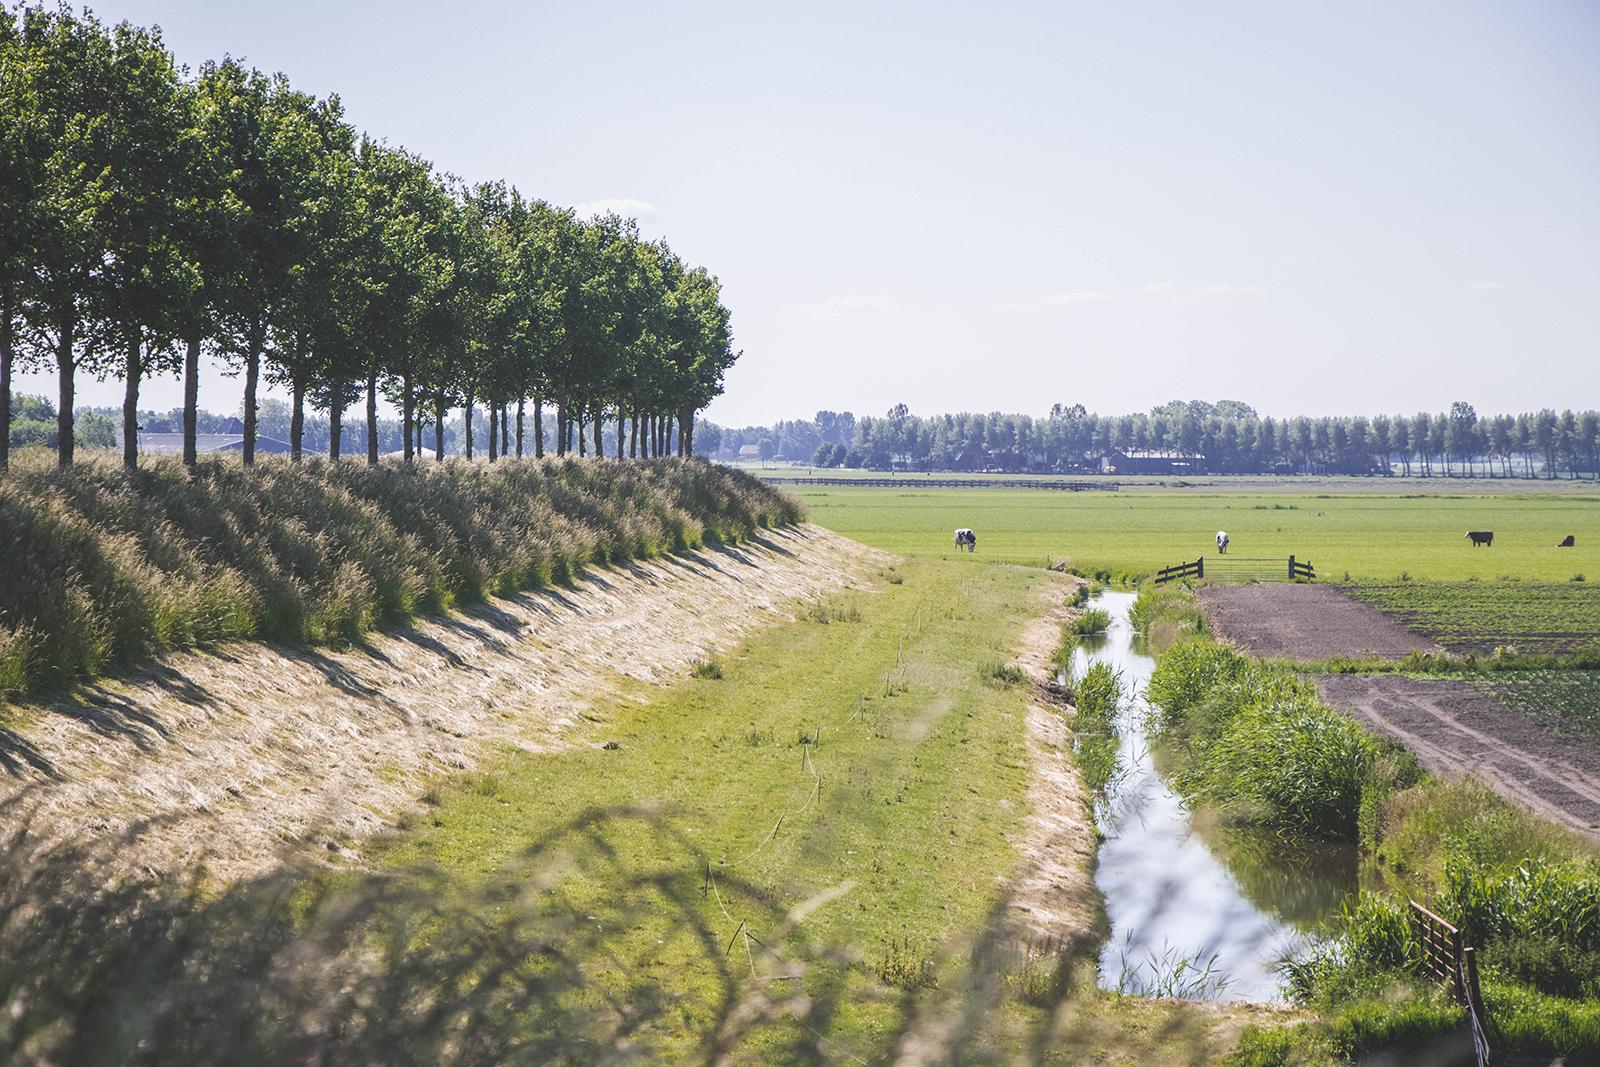 Omgeving camping boerderij avenhorn